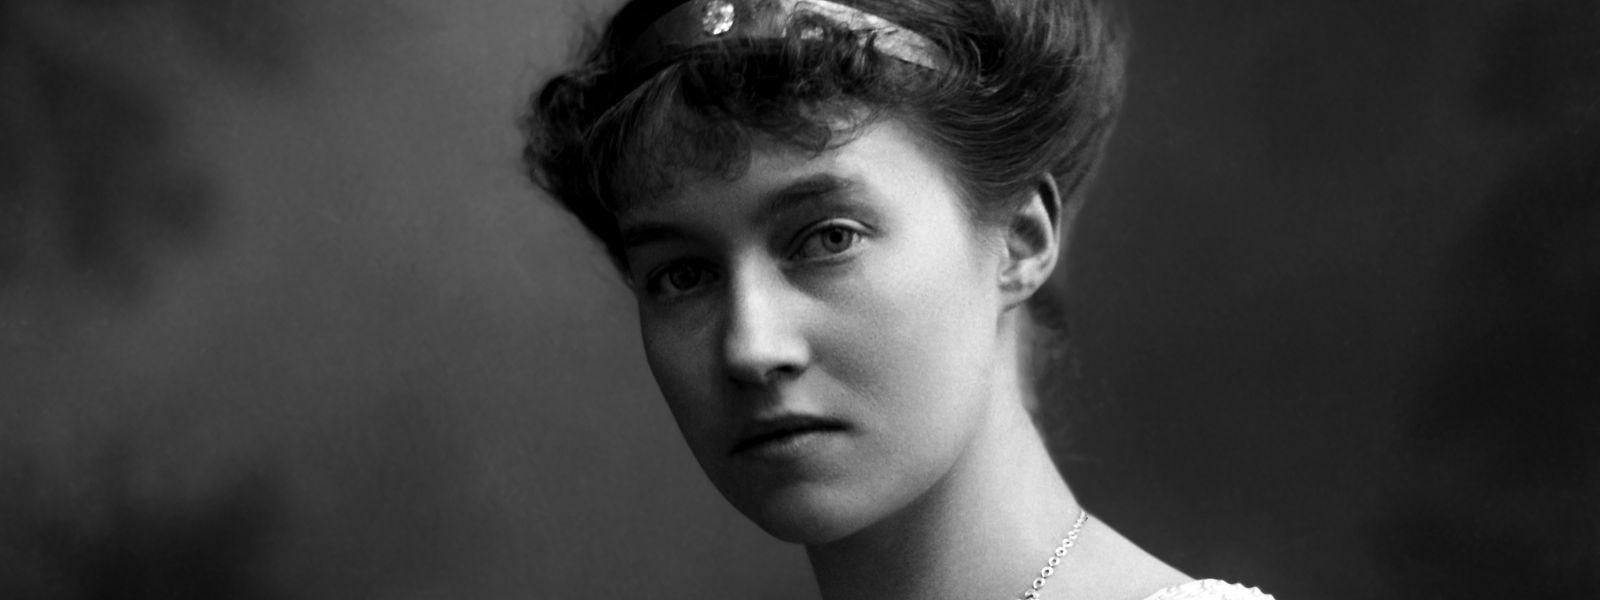 Großherzogin Charlotte im Jahr 1919.